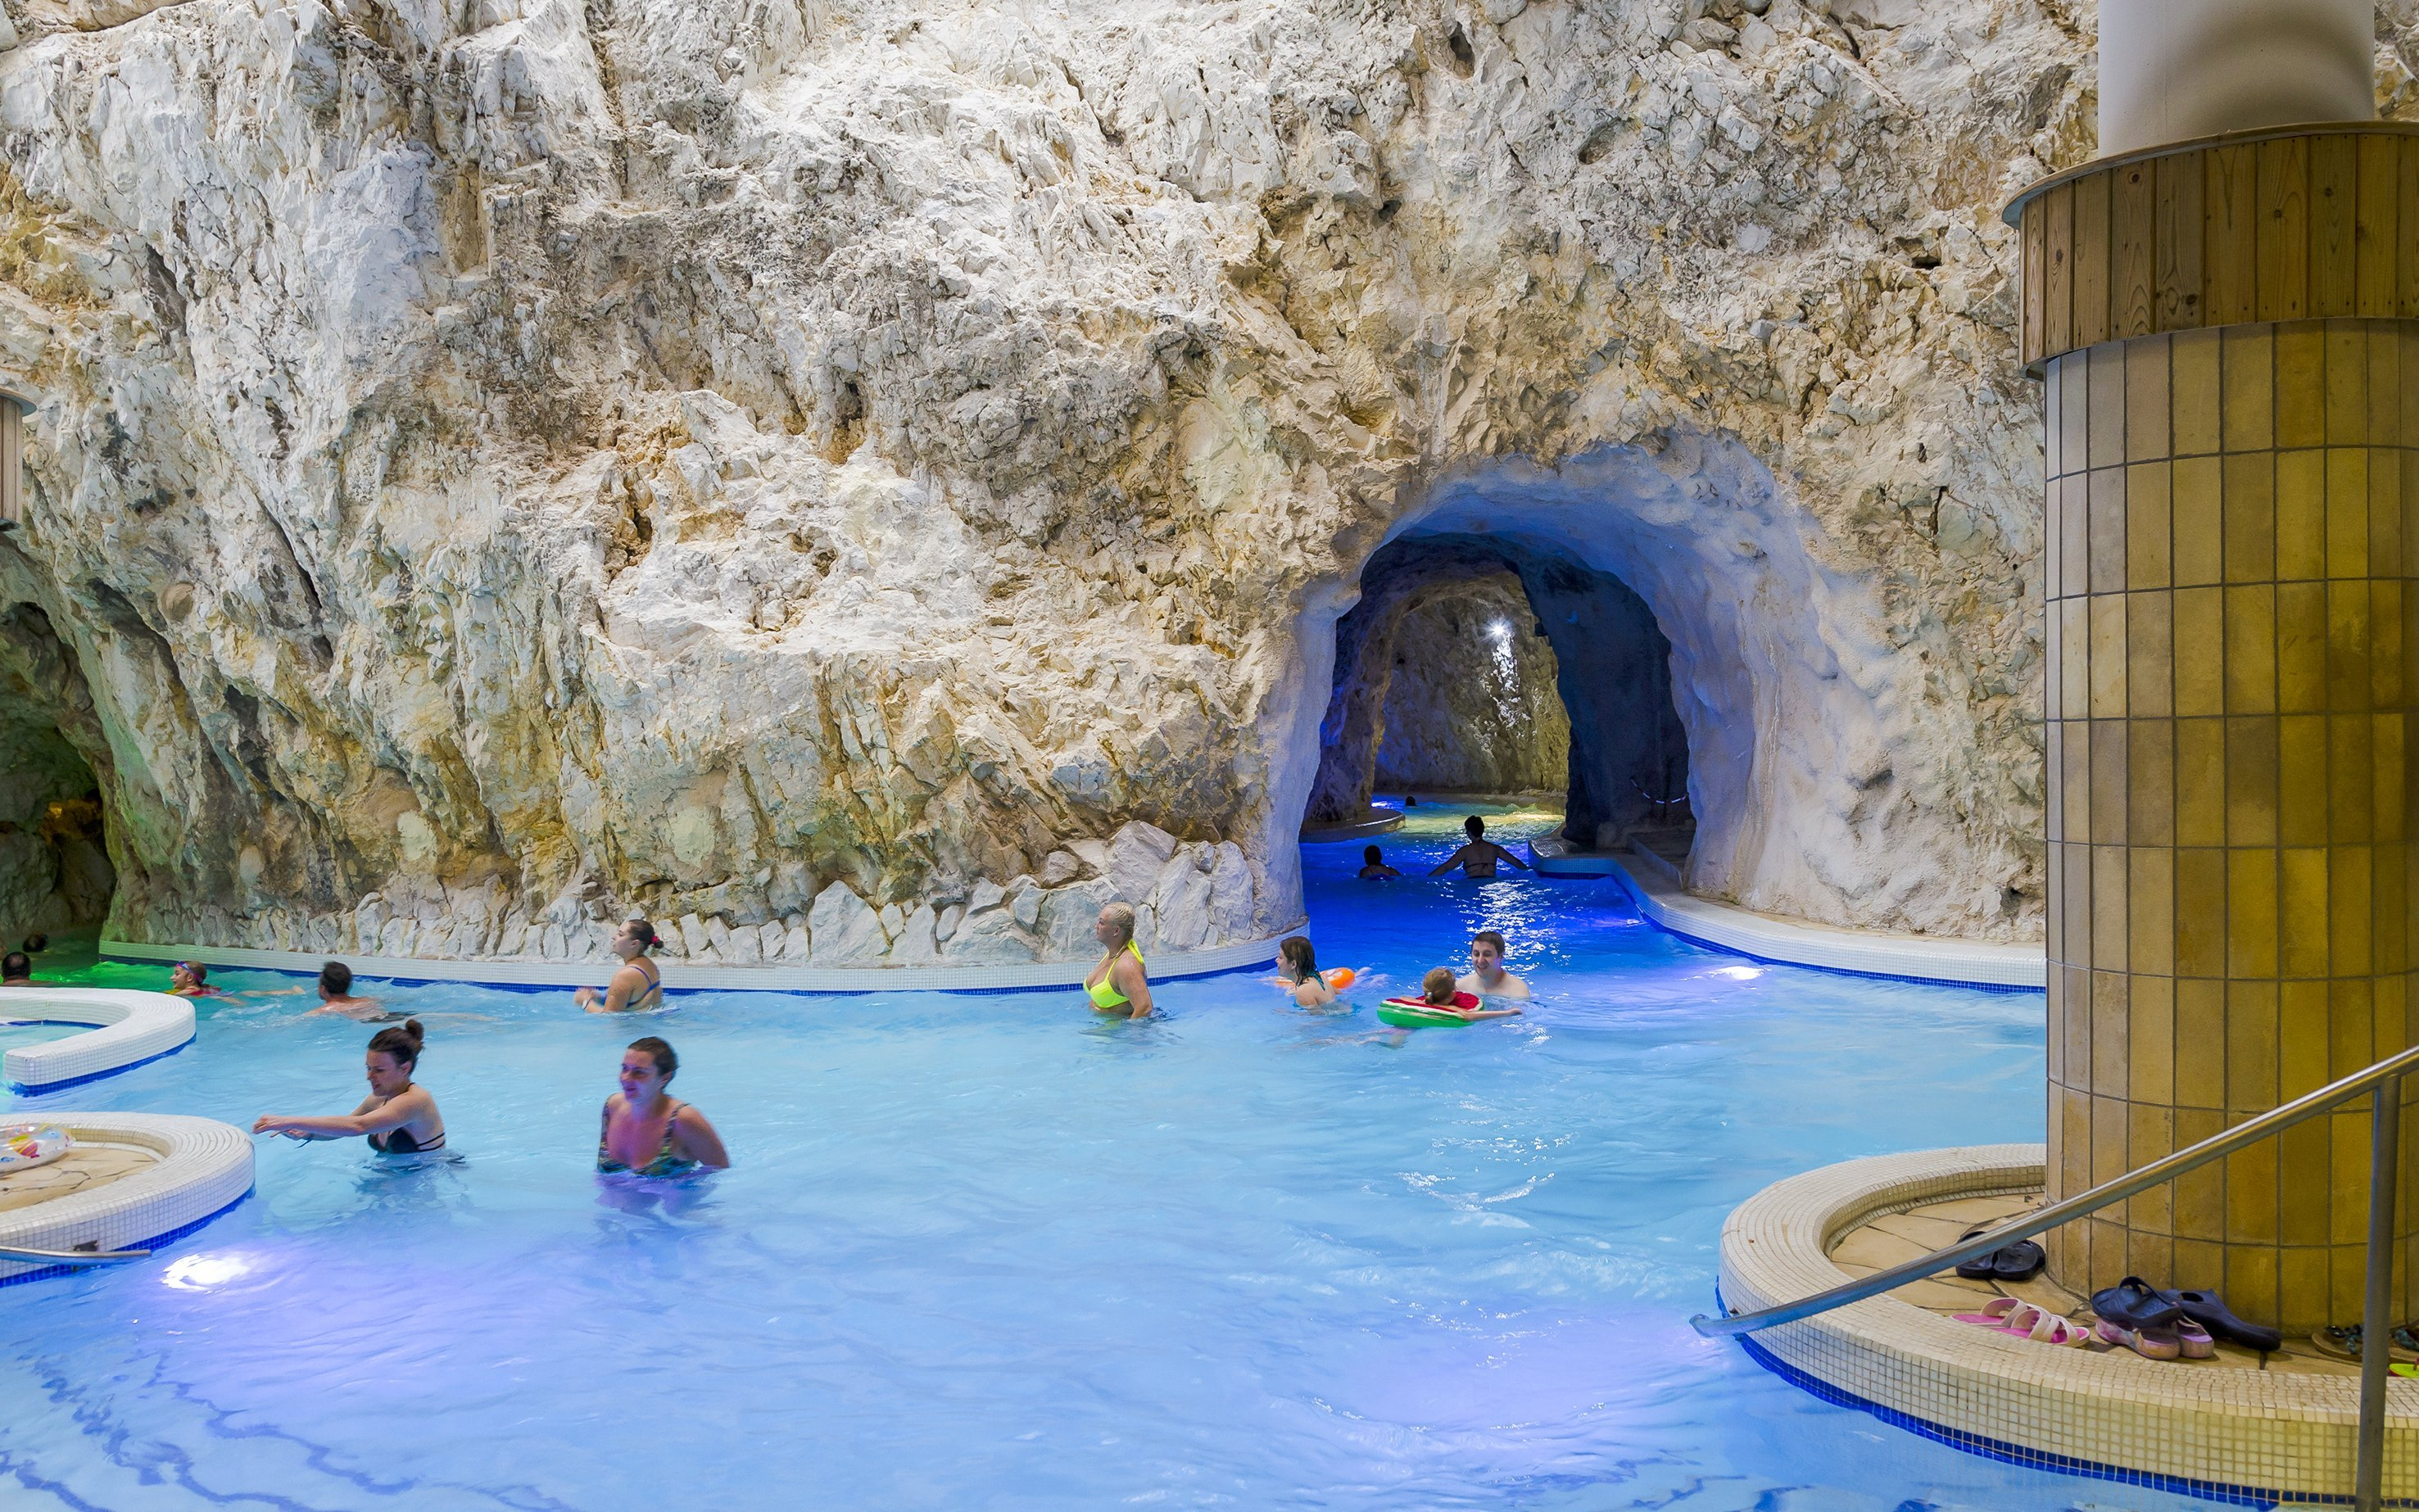 Maďarsko: Miskolc blízko unikátních jeskynních lázní (800 metrů) v Hotelu Székely Kúria + snídaně